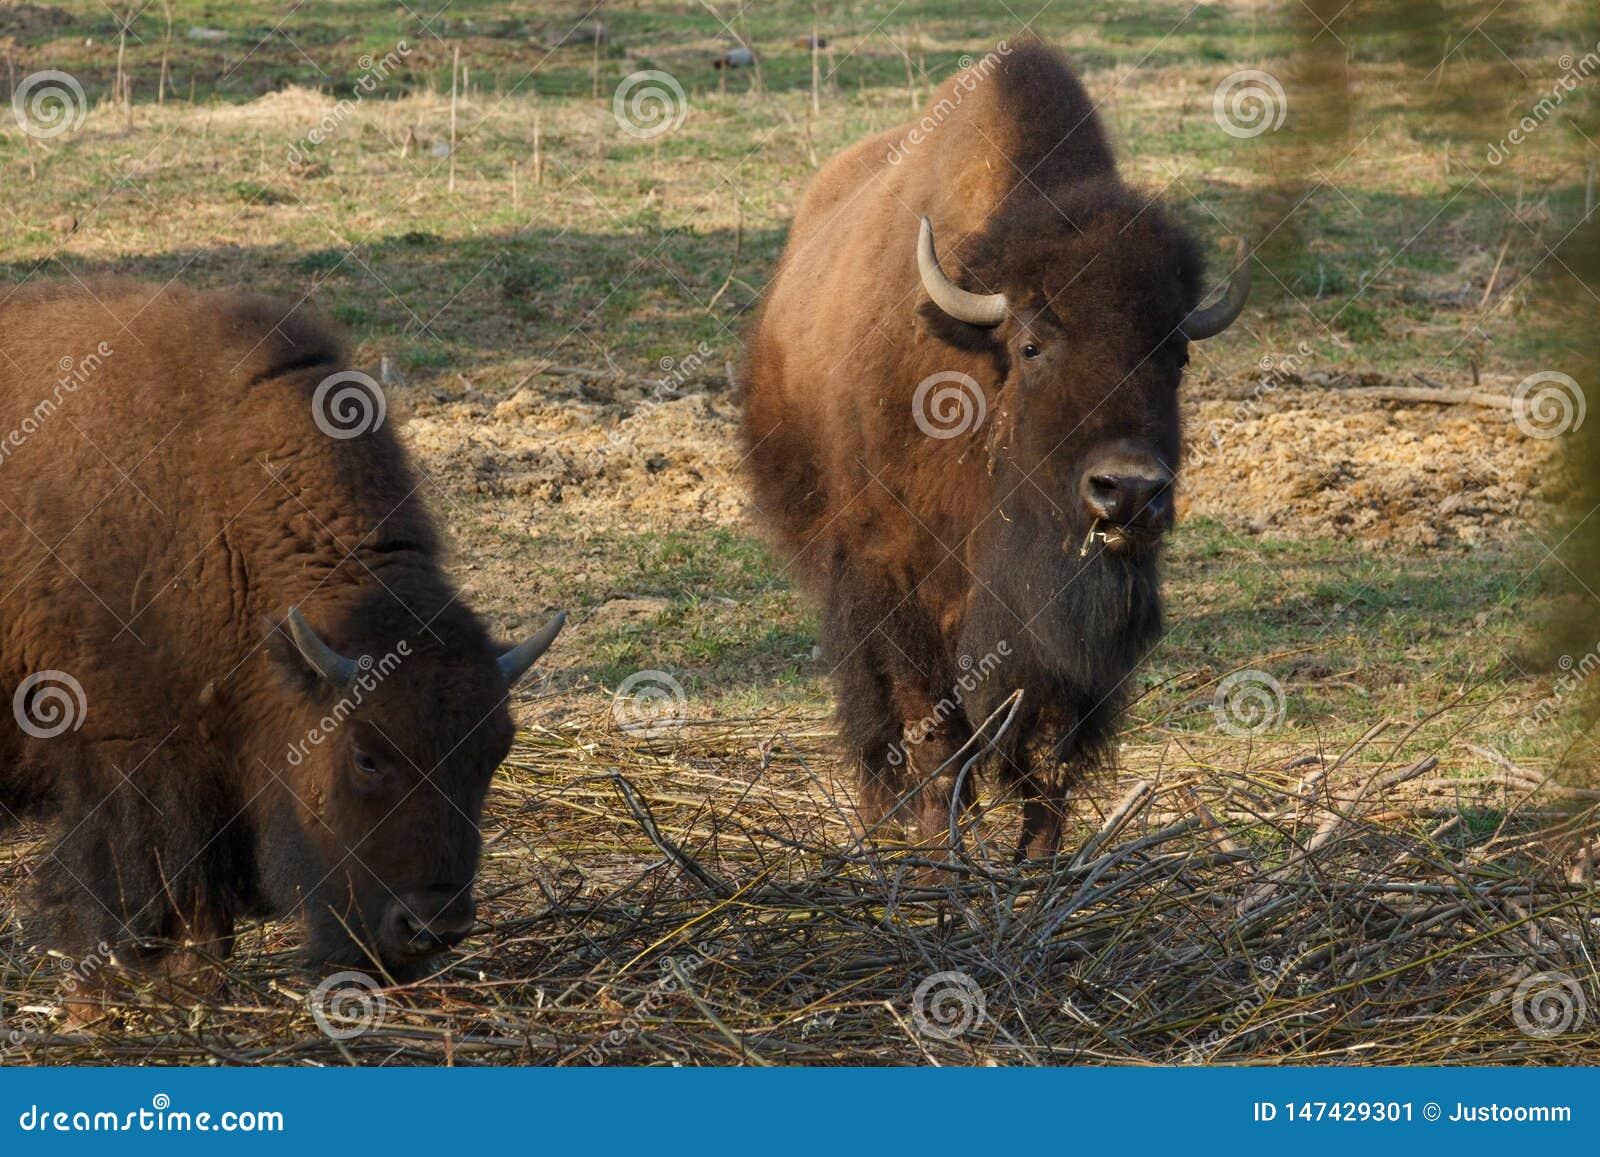 Den enorma bisonen g?r ?ver f?ltet och ?ter filialer och gr?s som fotograferas i den nordliga delen av Ryssland